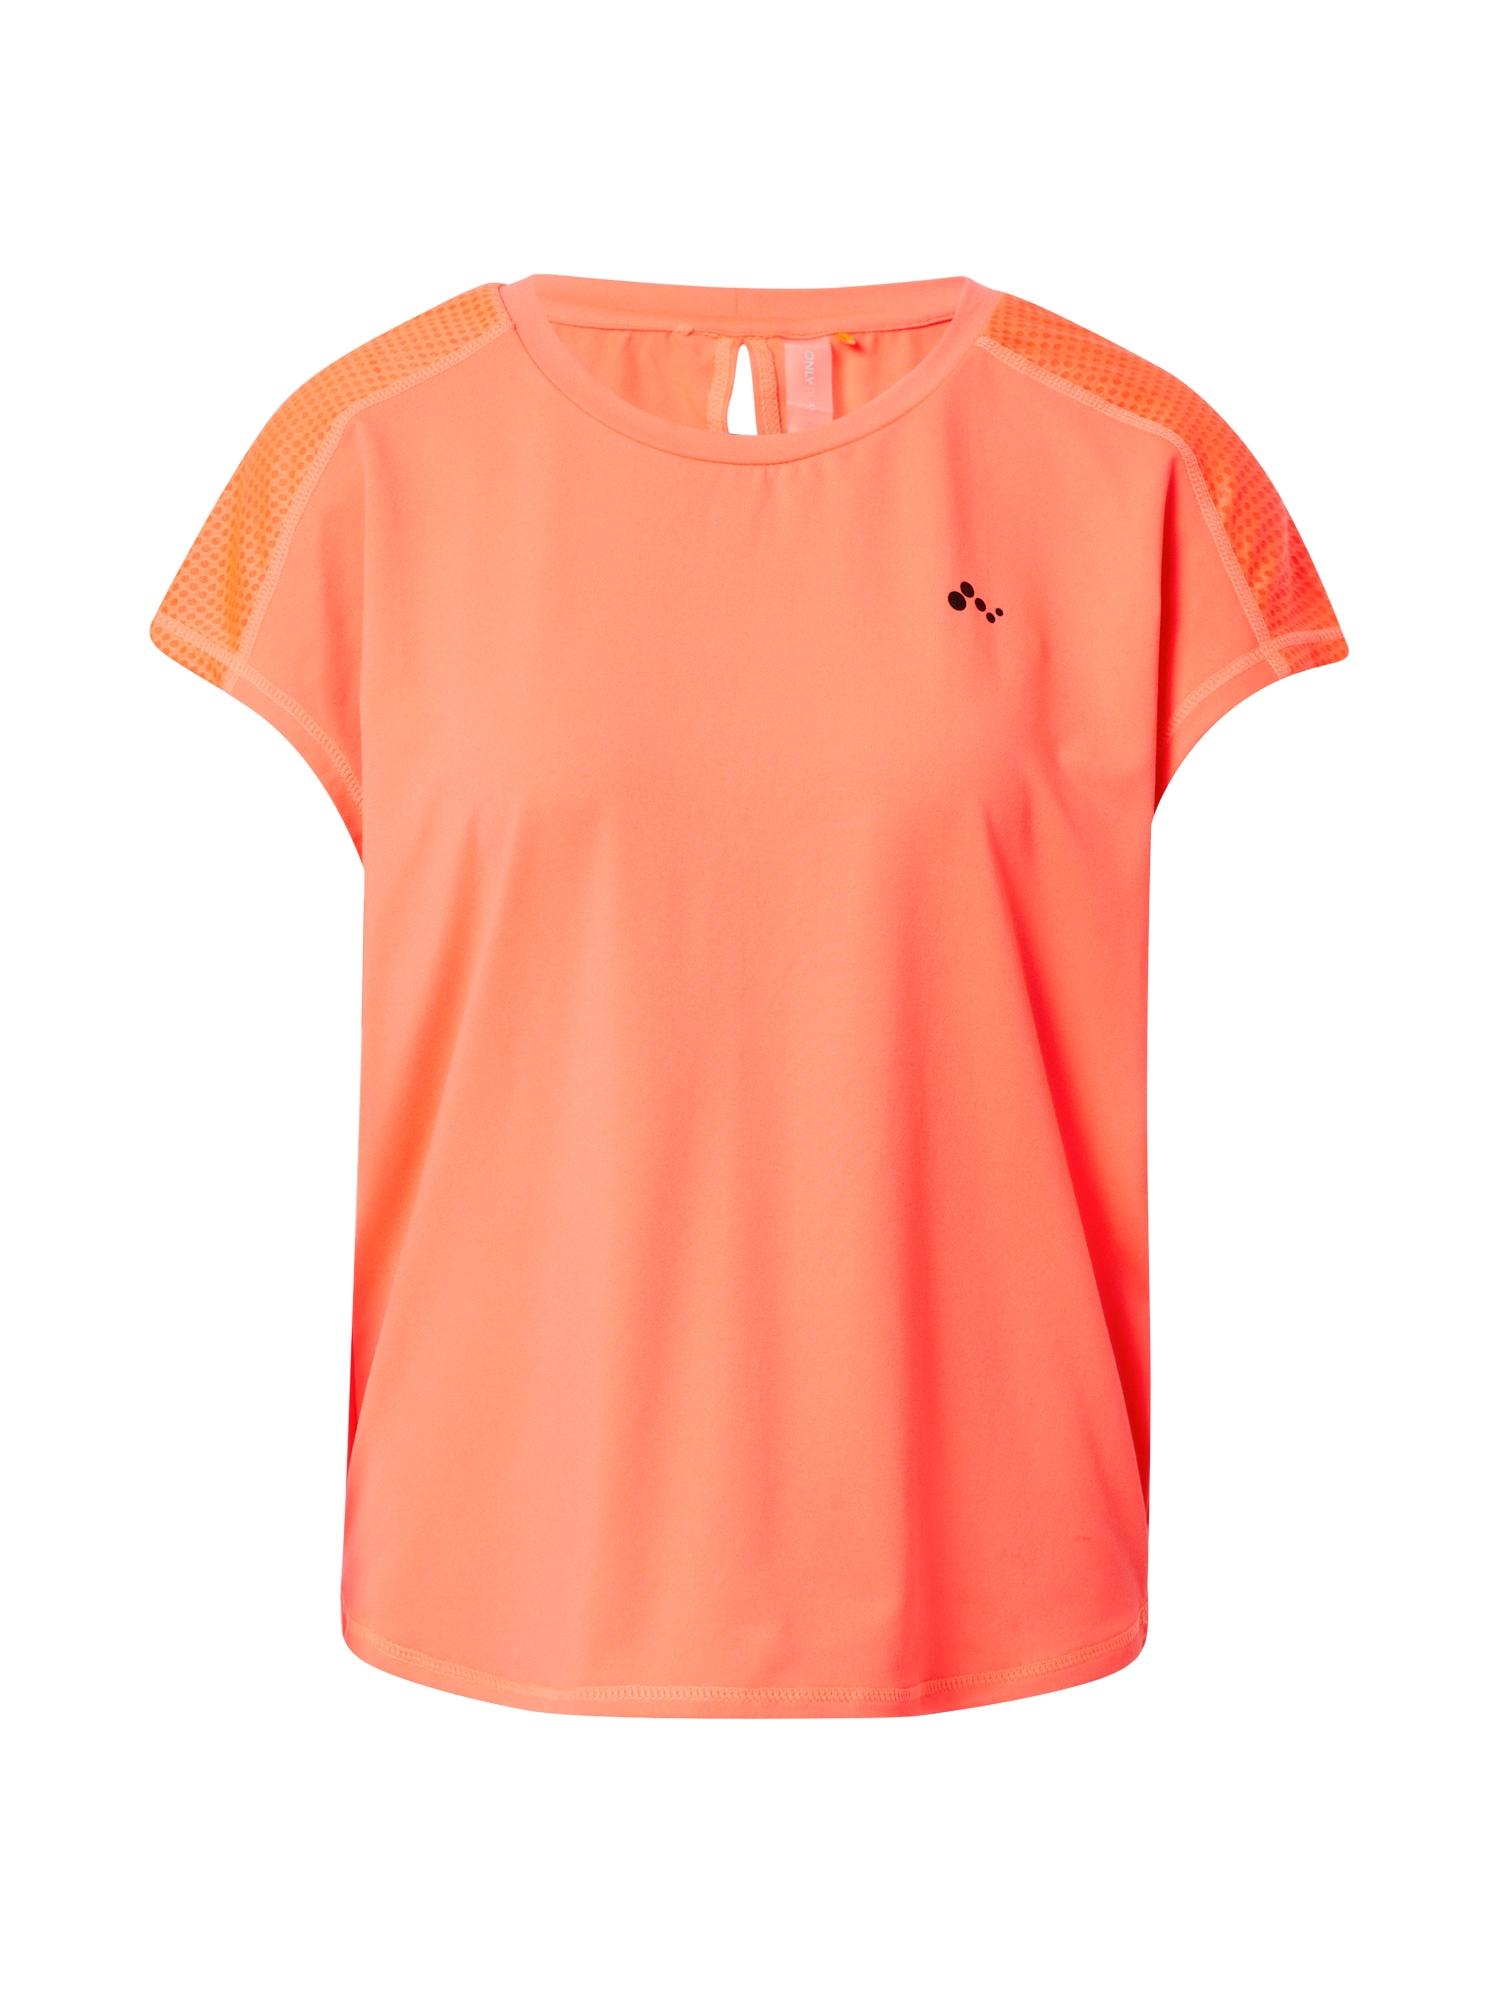 ONLY PLAY Sportiniai marškinėliai koralų splava / pastelinė oranžinė